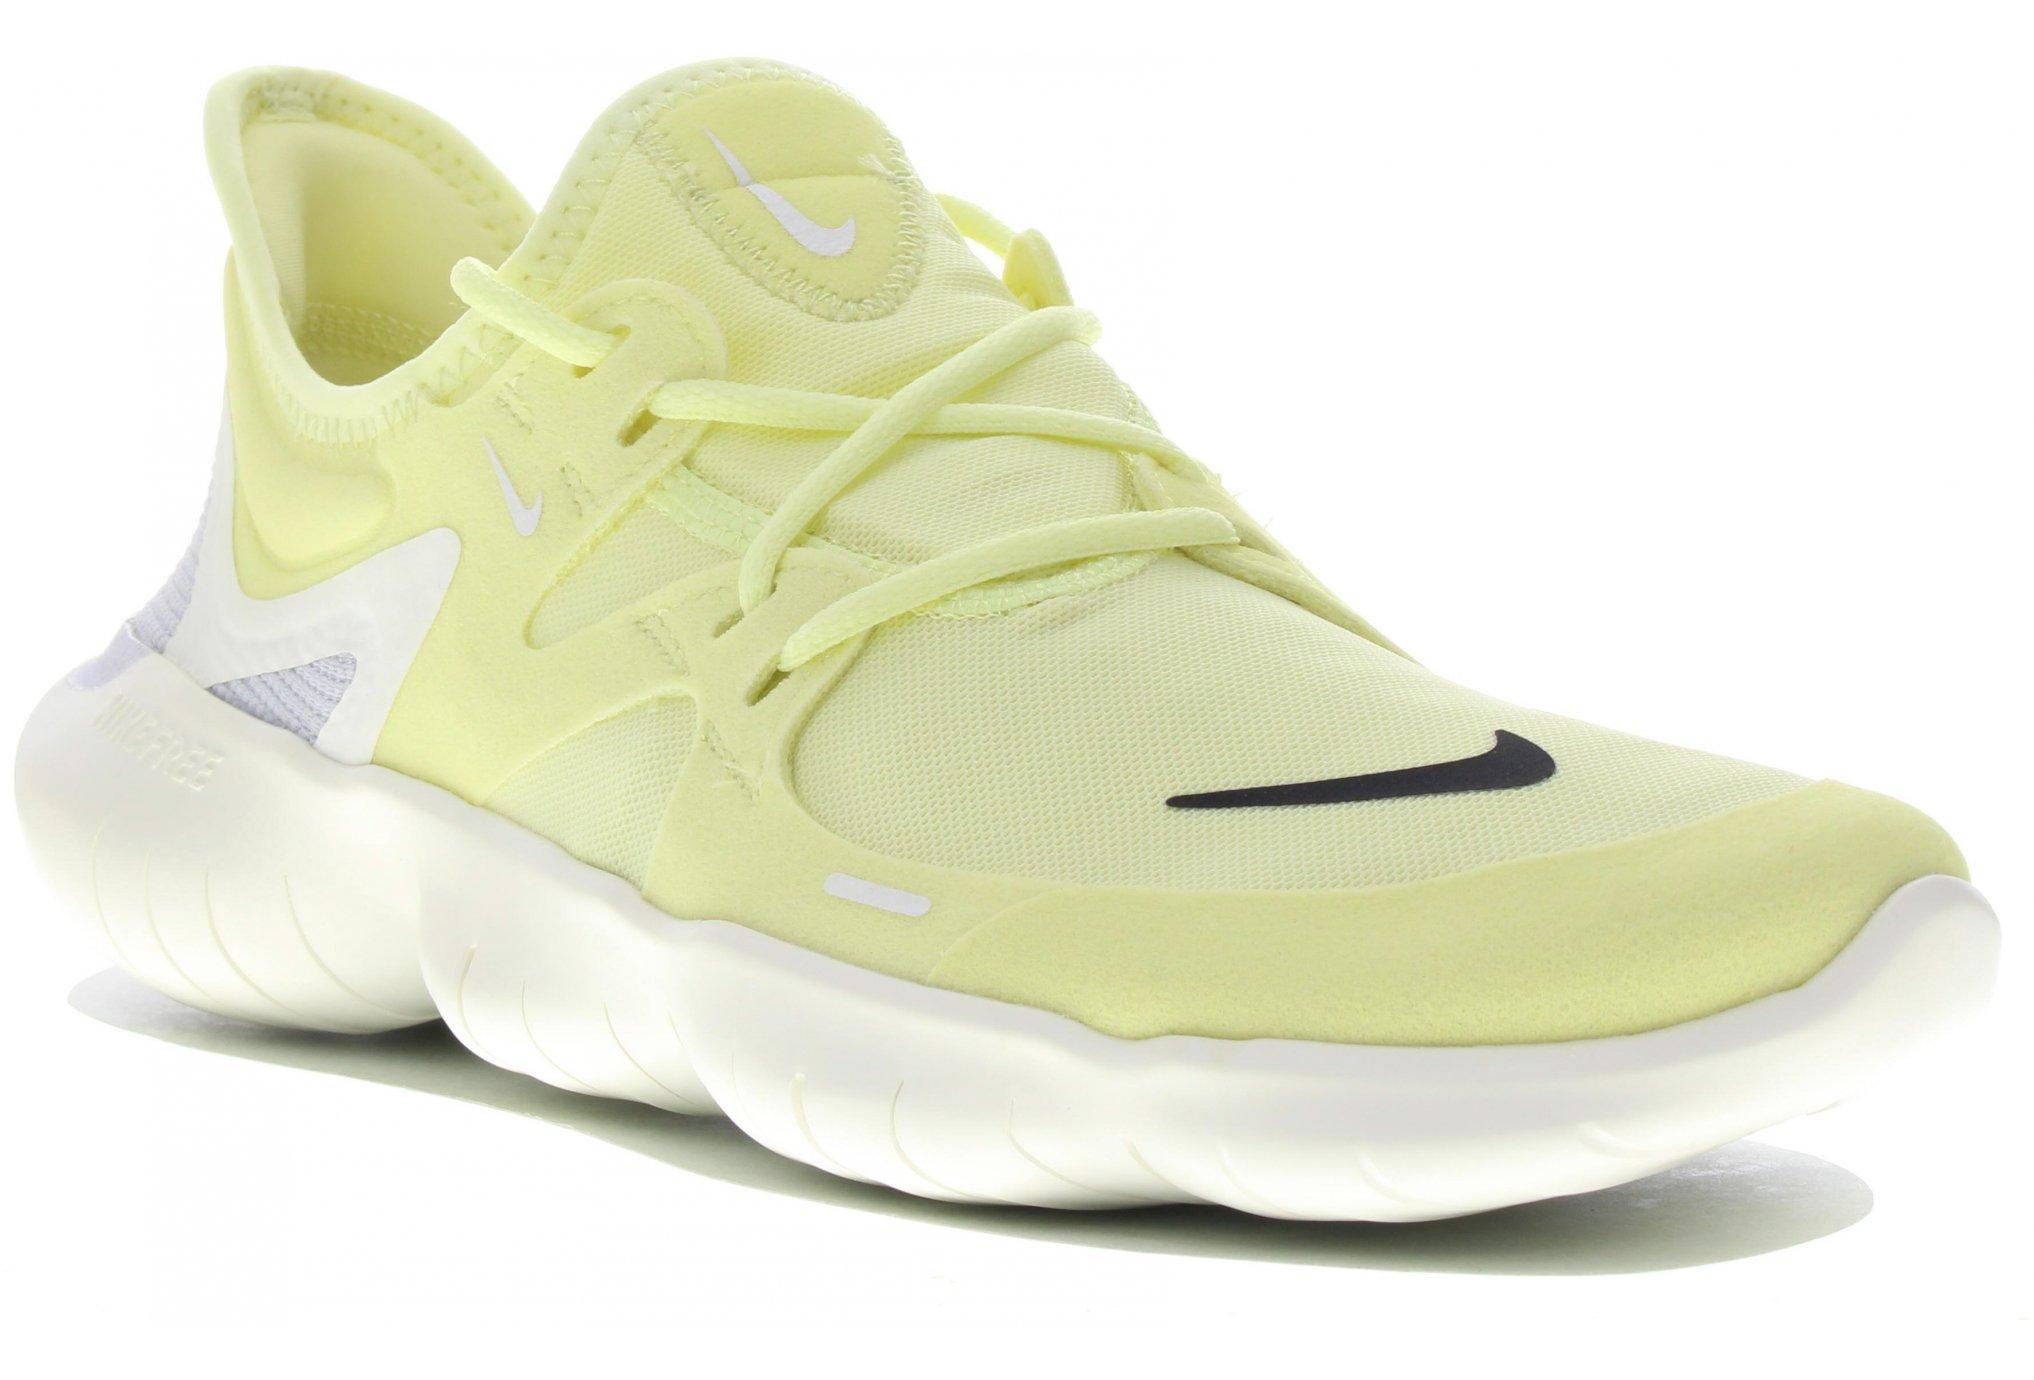 sports shoes e5eca 003f8 Nike Metcon 4 M homme Gris argent pas cher